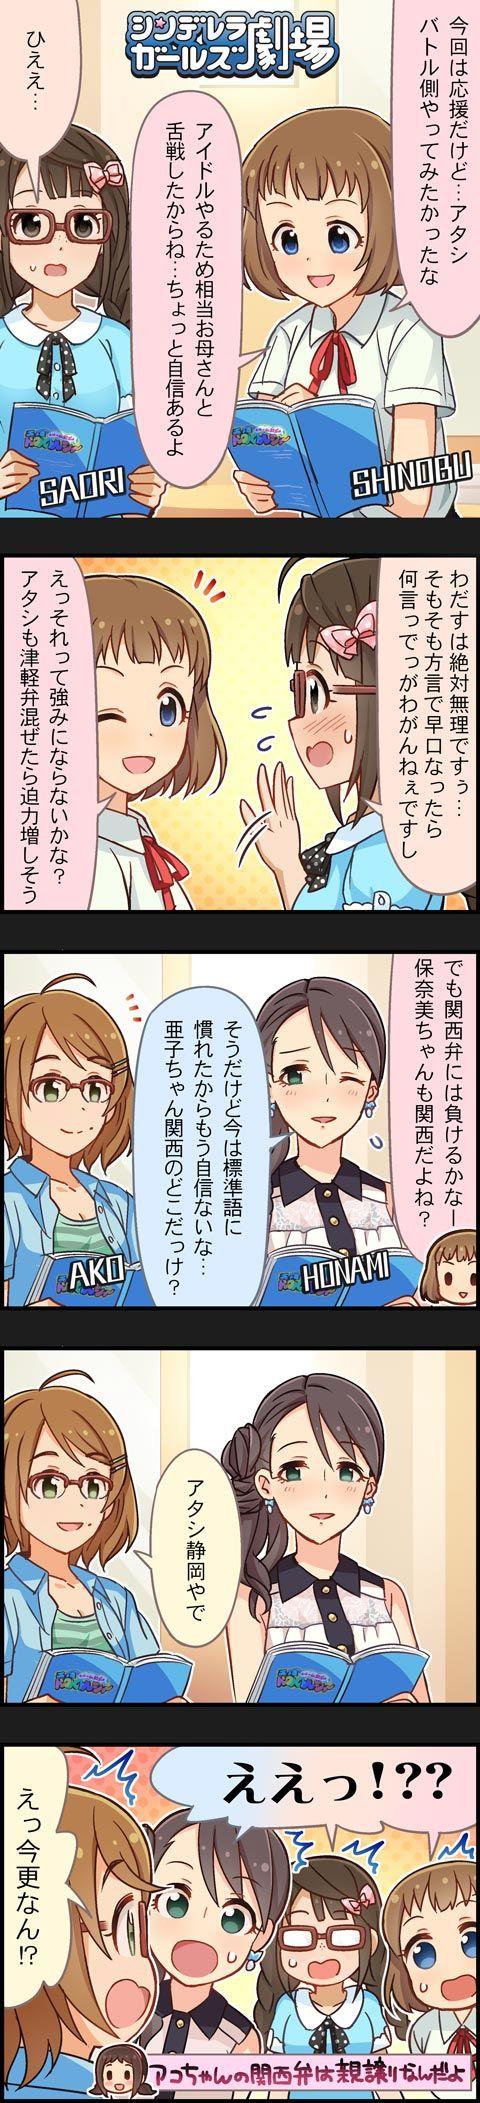 【第532話】方言バトルよくない?